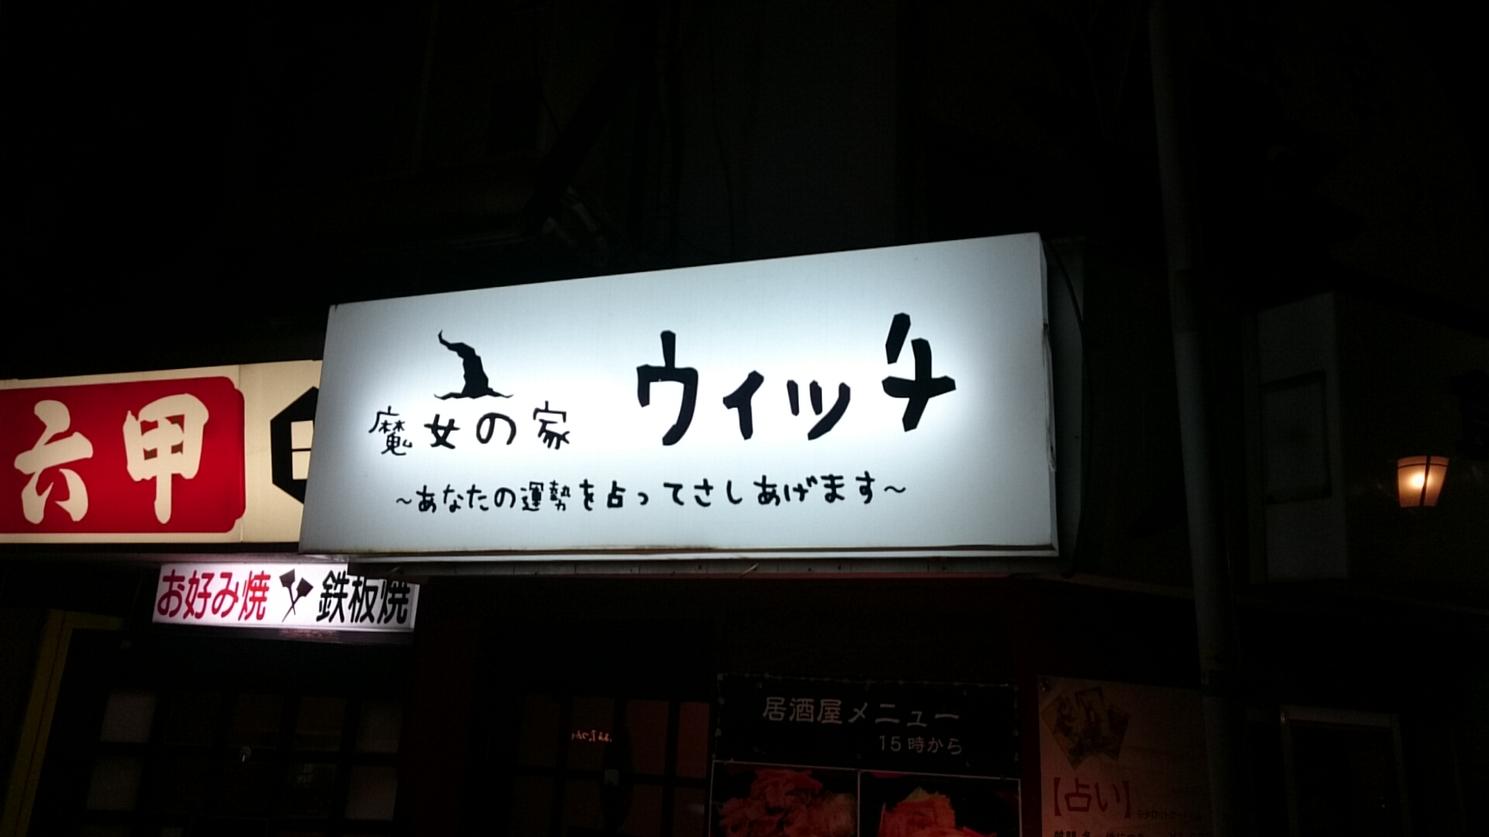 魔女の店 ウィッチ